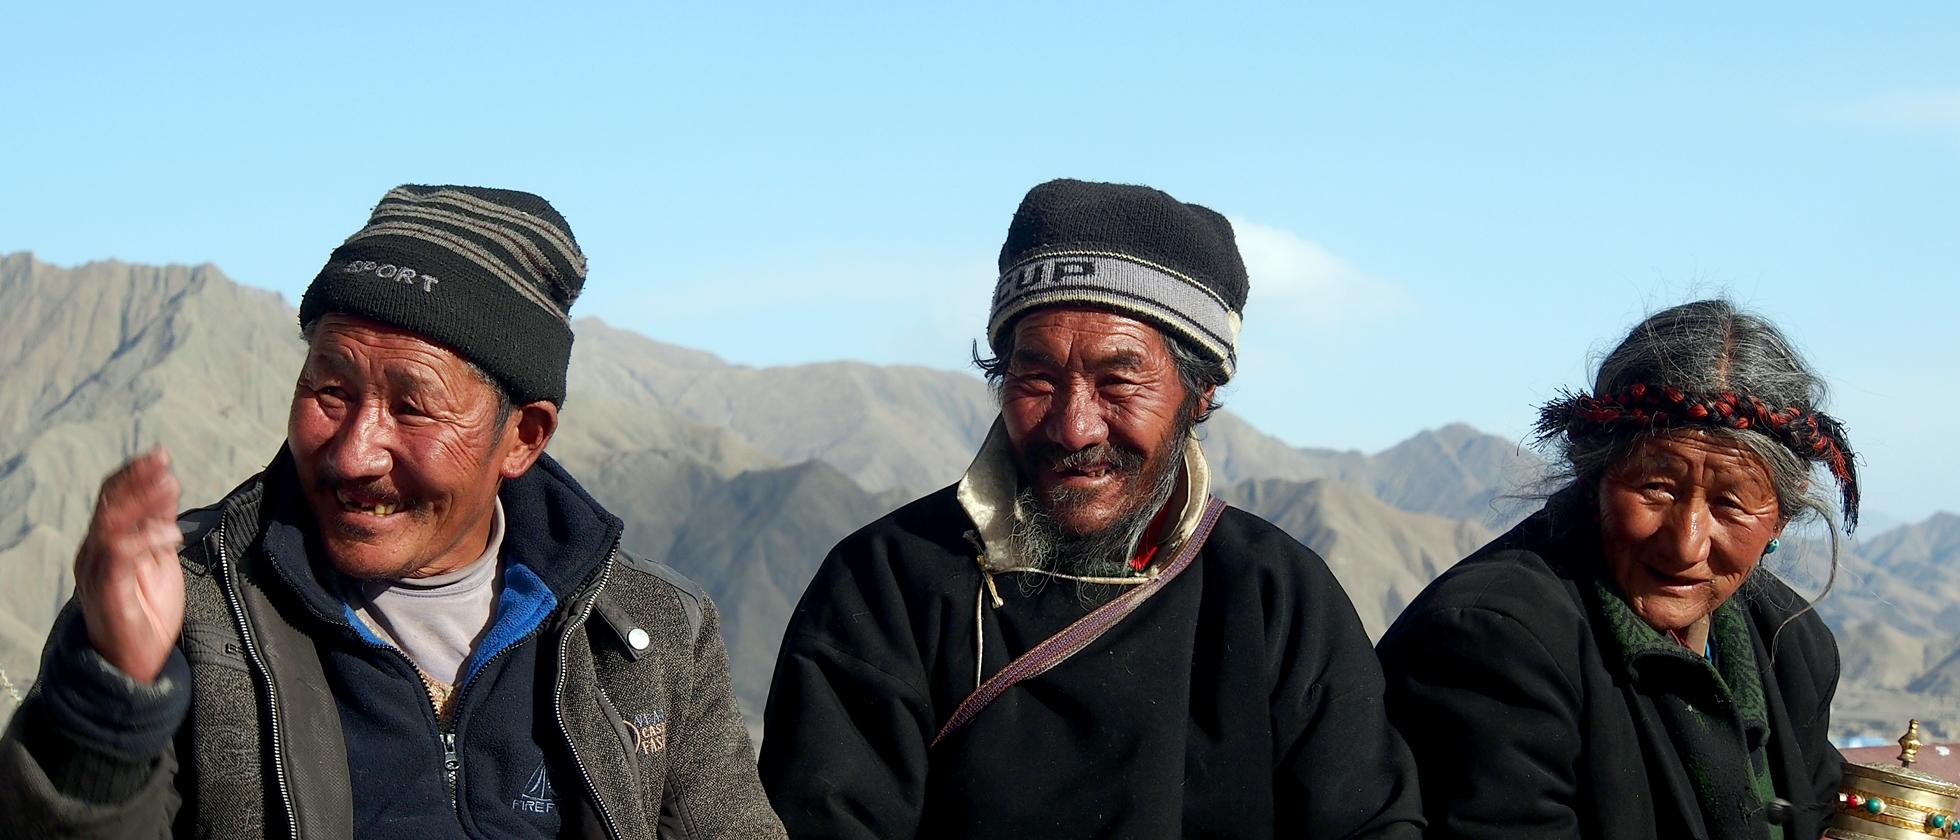 Fotoreportage Tibet: The People Of Tibet